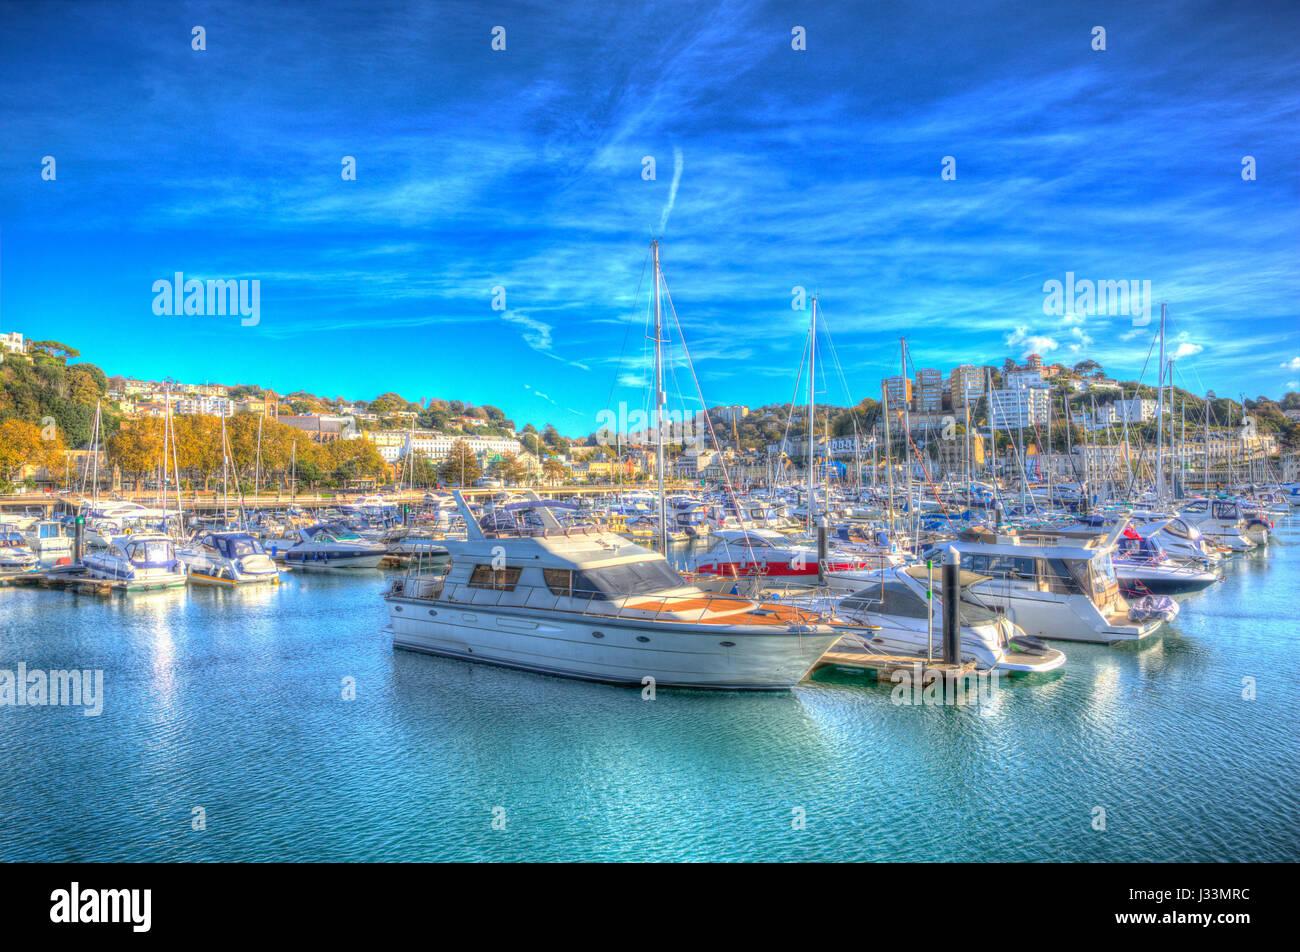 Torquay Devon de plaisance avec des bateaux et yachts sur belle journée sur la Riviera anglaise en HDR colorés Photo Stock